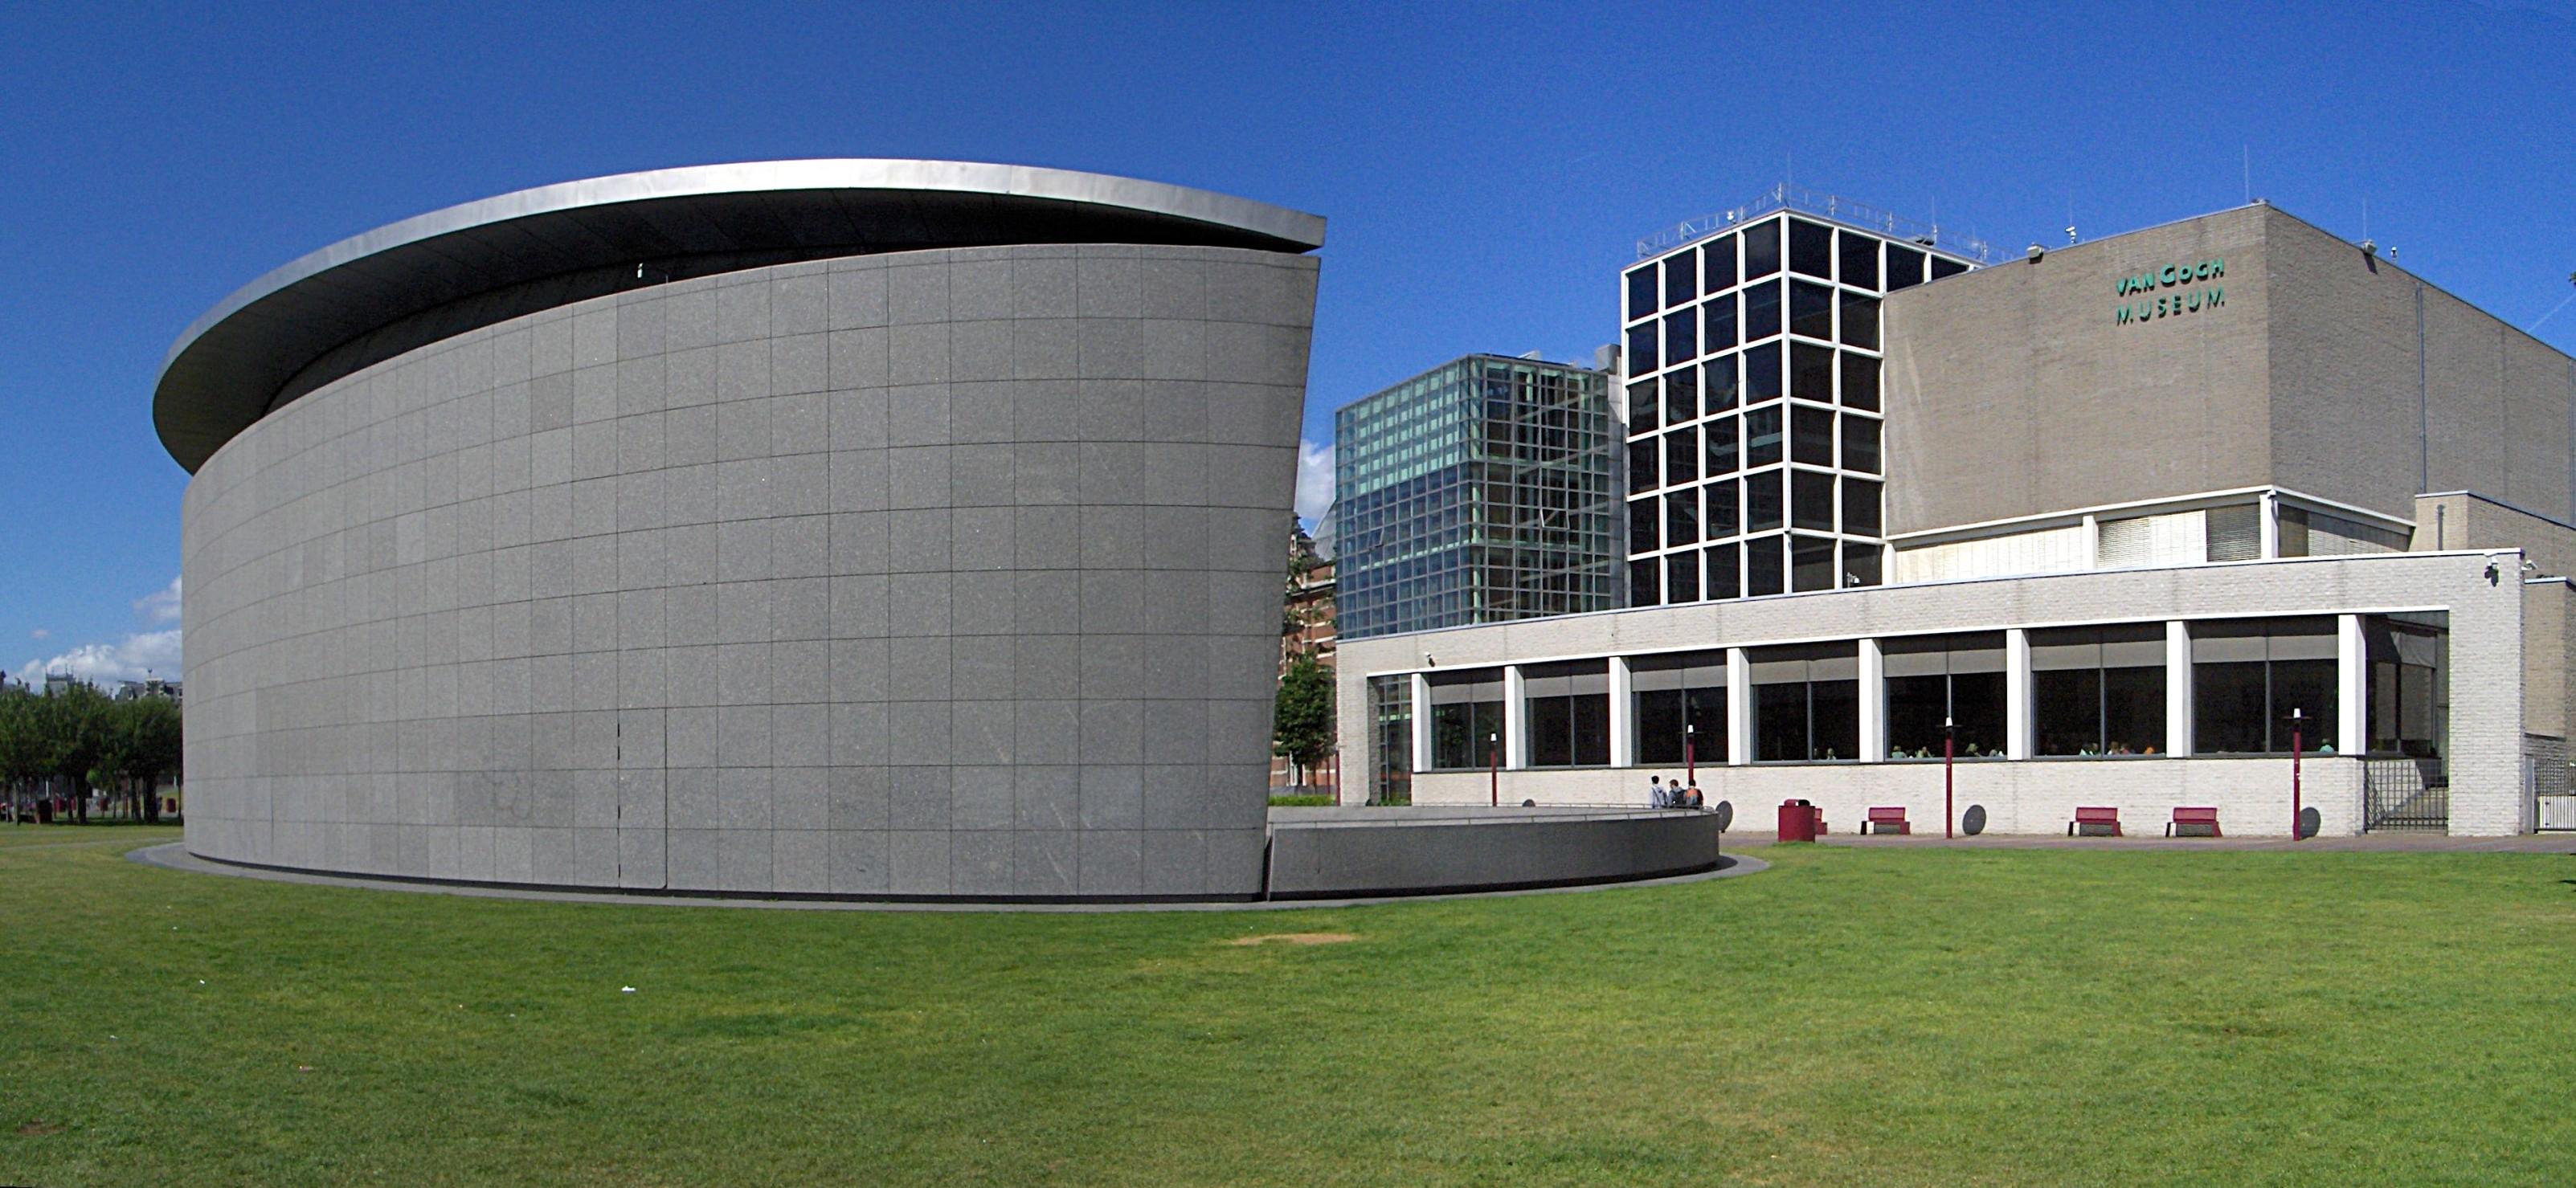 Van gogh museum for Amsterdam museum